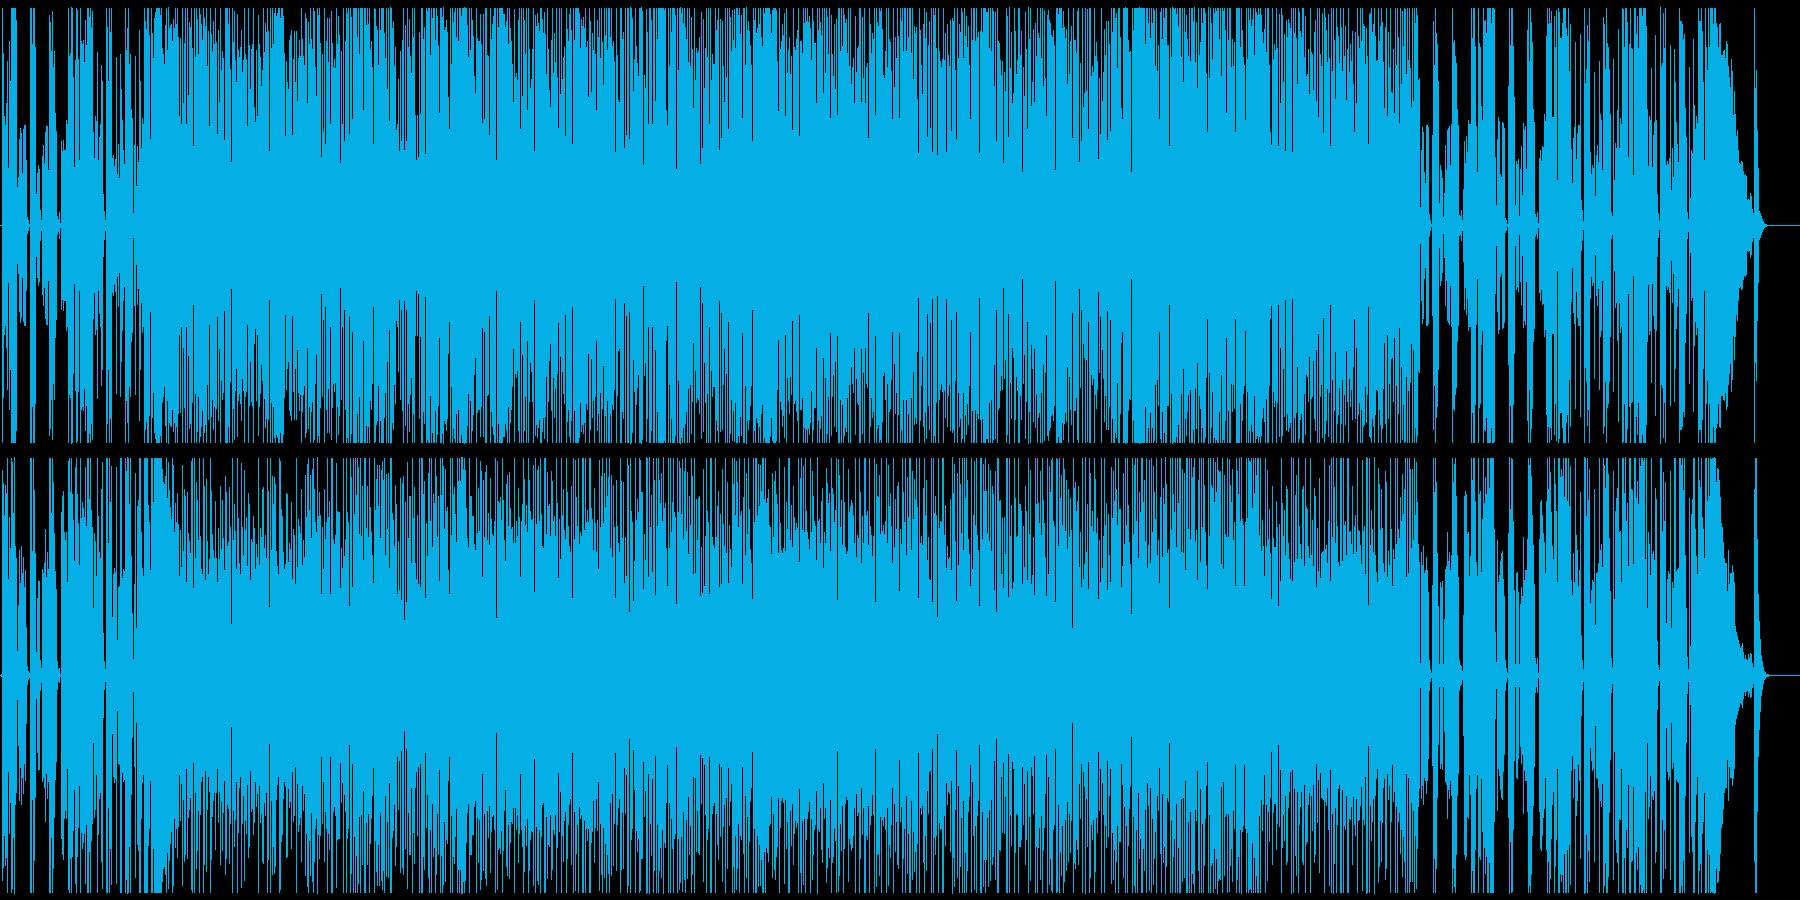 温故知新☆70sを感じさせるロックBGMの再生済みの波形